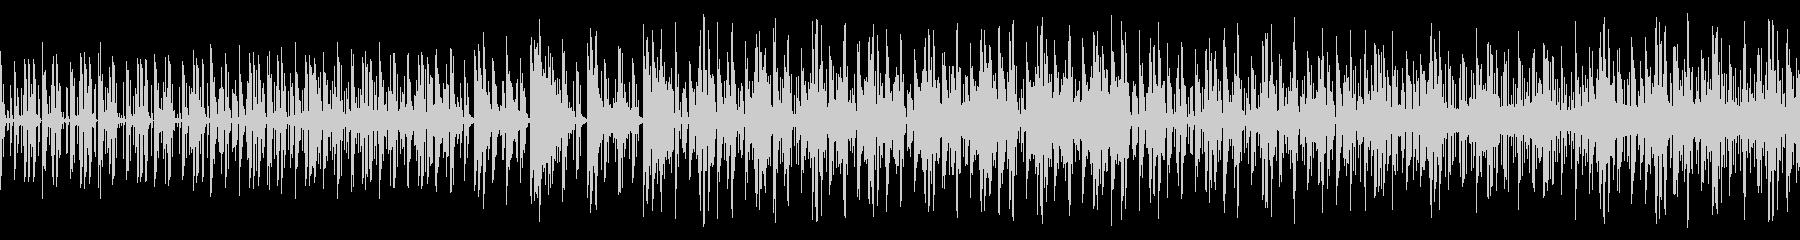 幻想的な電子音BGMの未再生の波形